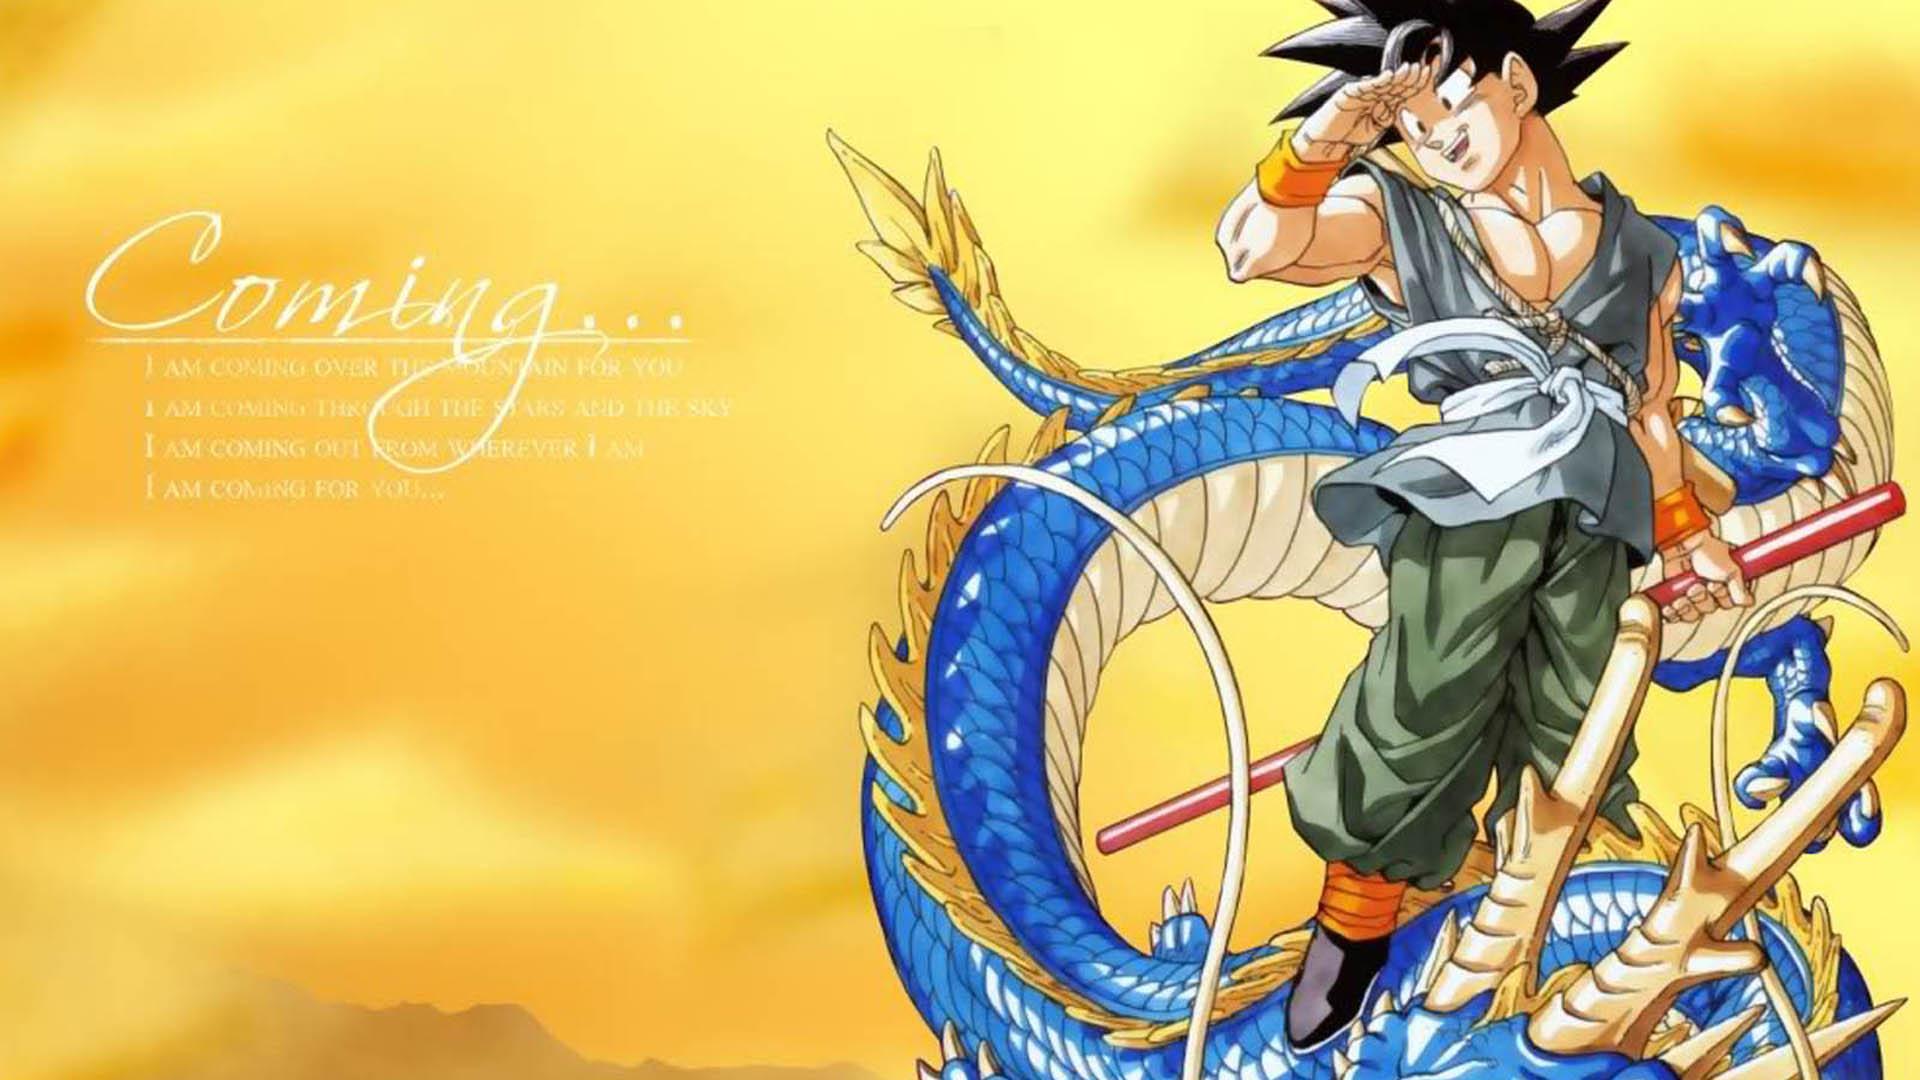 Wallpaper Dragon Ball Z Hd 1080p